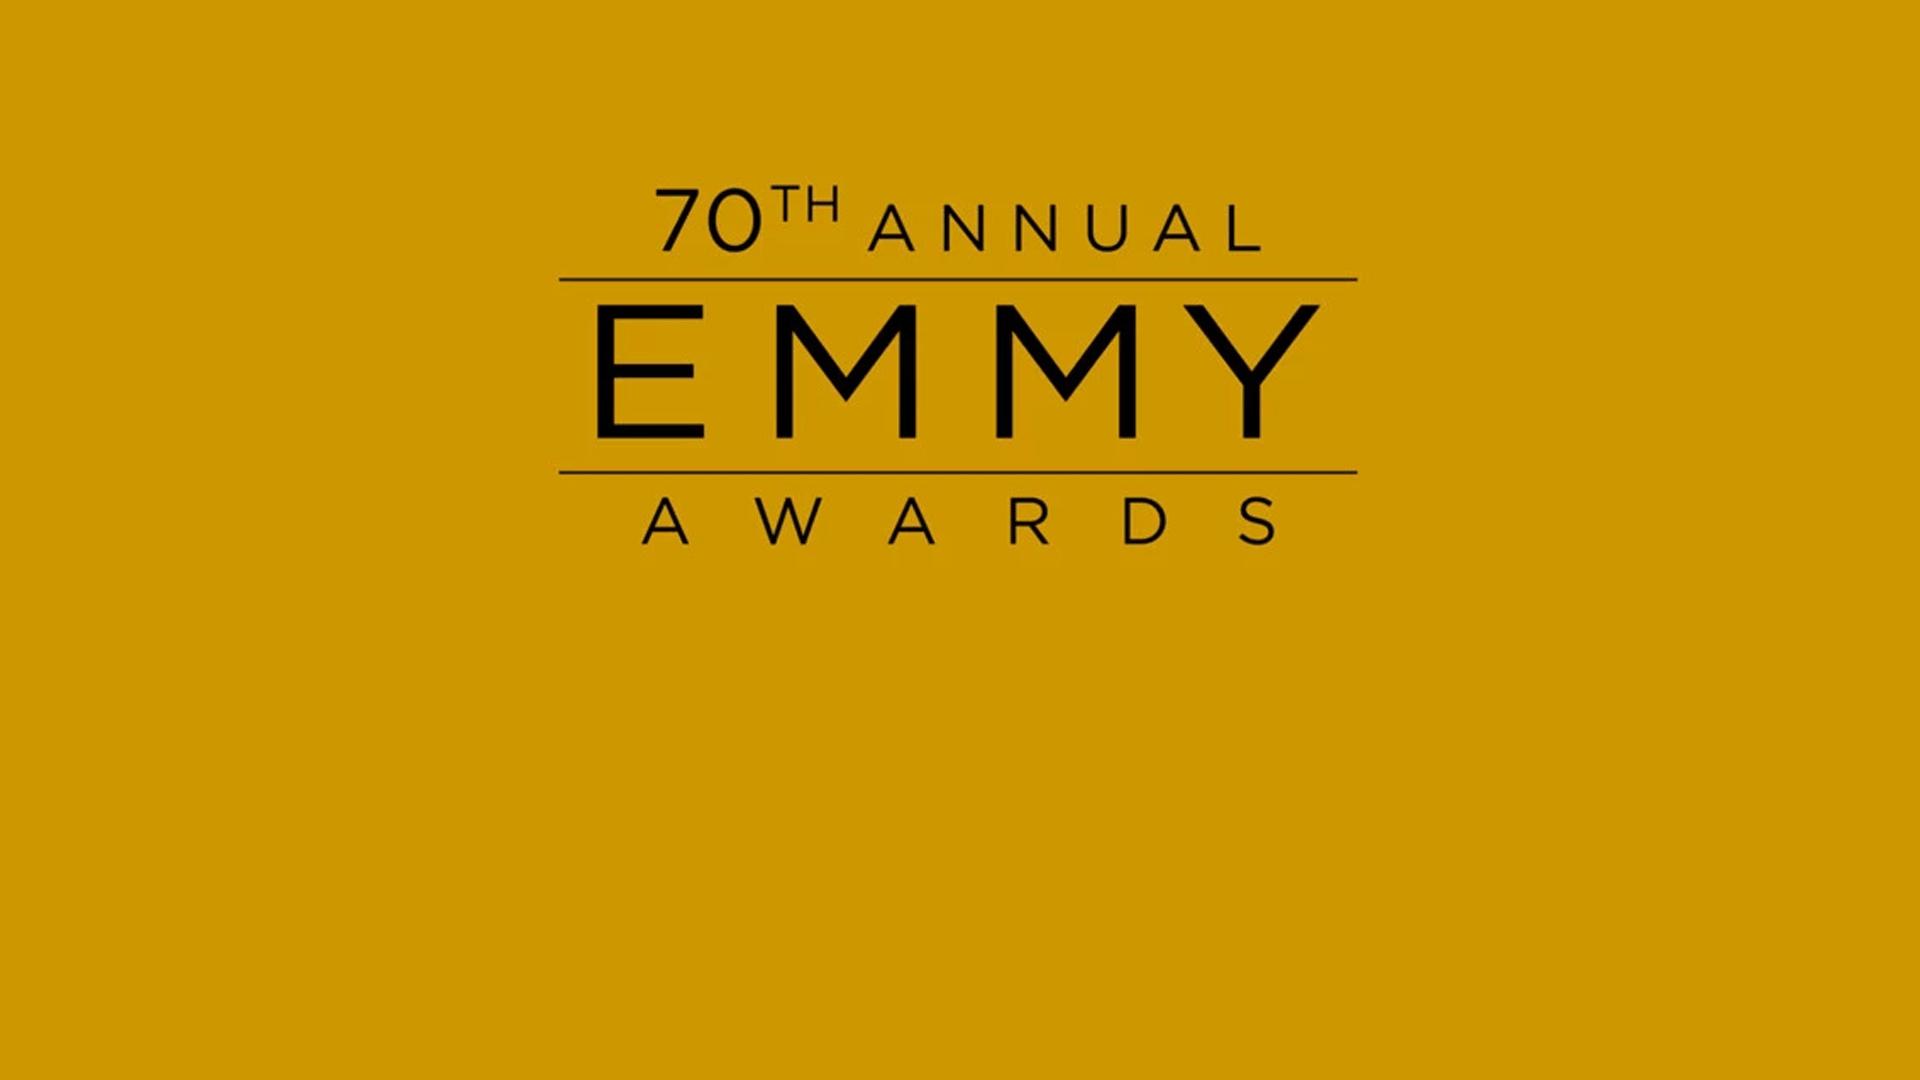 Les séries myCANAL nommées à la 70ème cérémonie des Emmy Awards